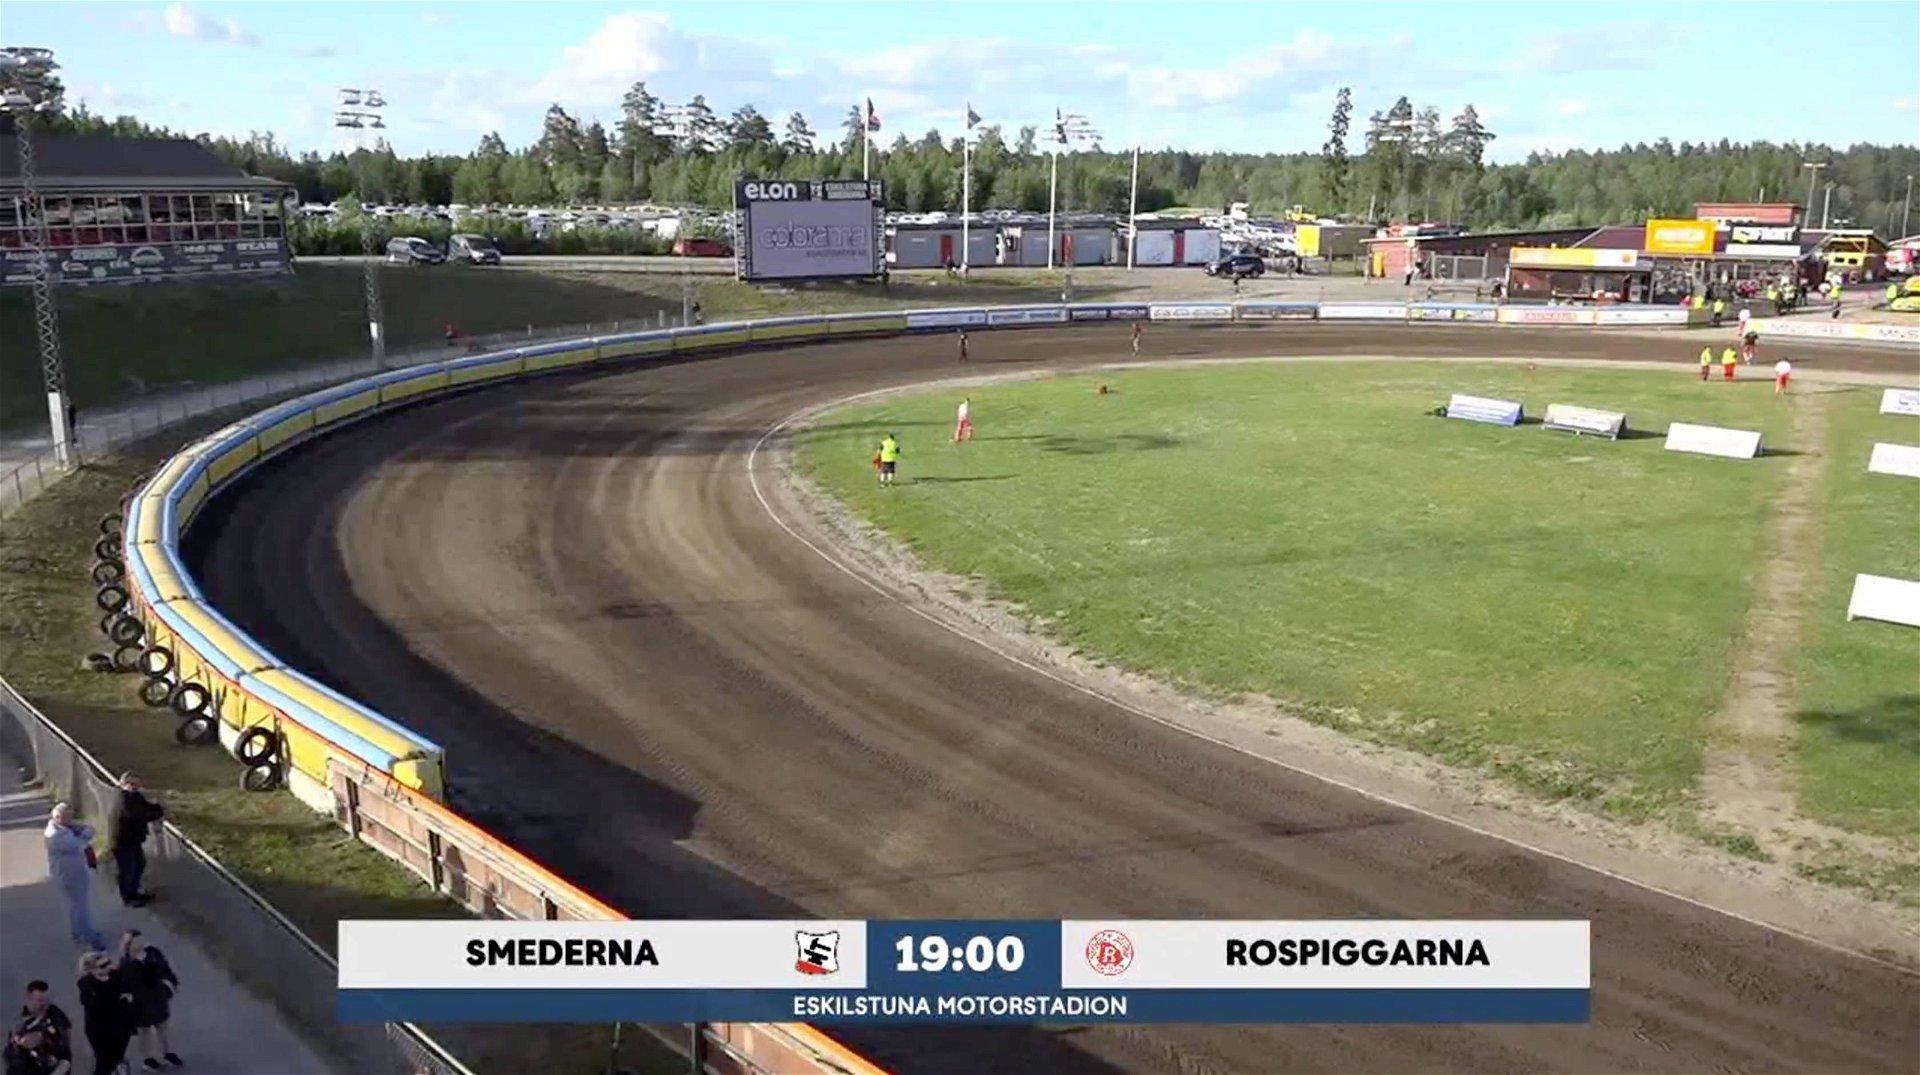 Smederna-Rospiggarna Highlights